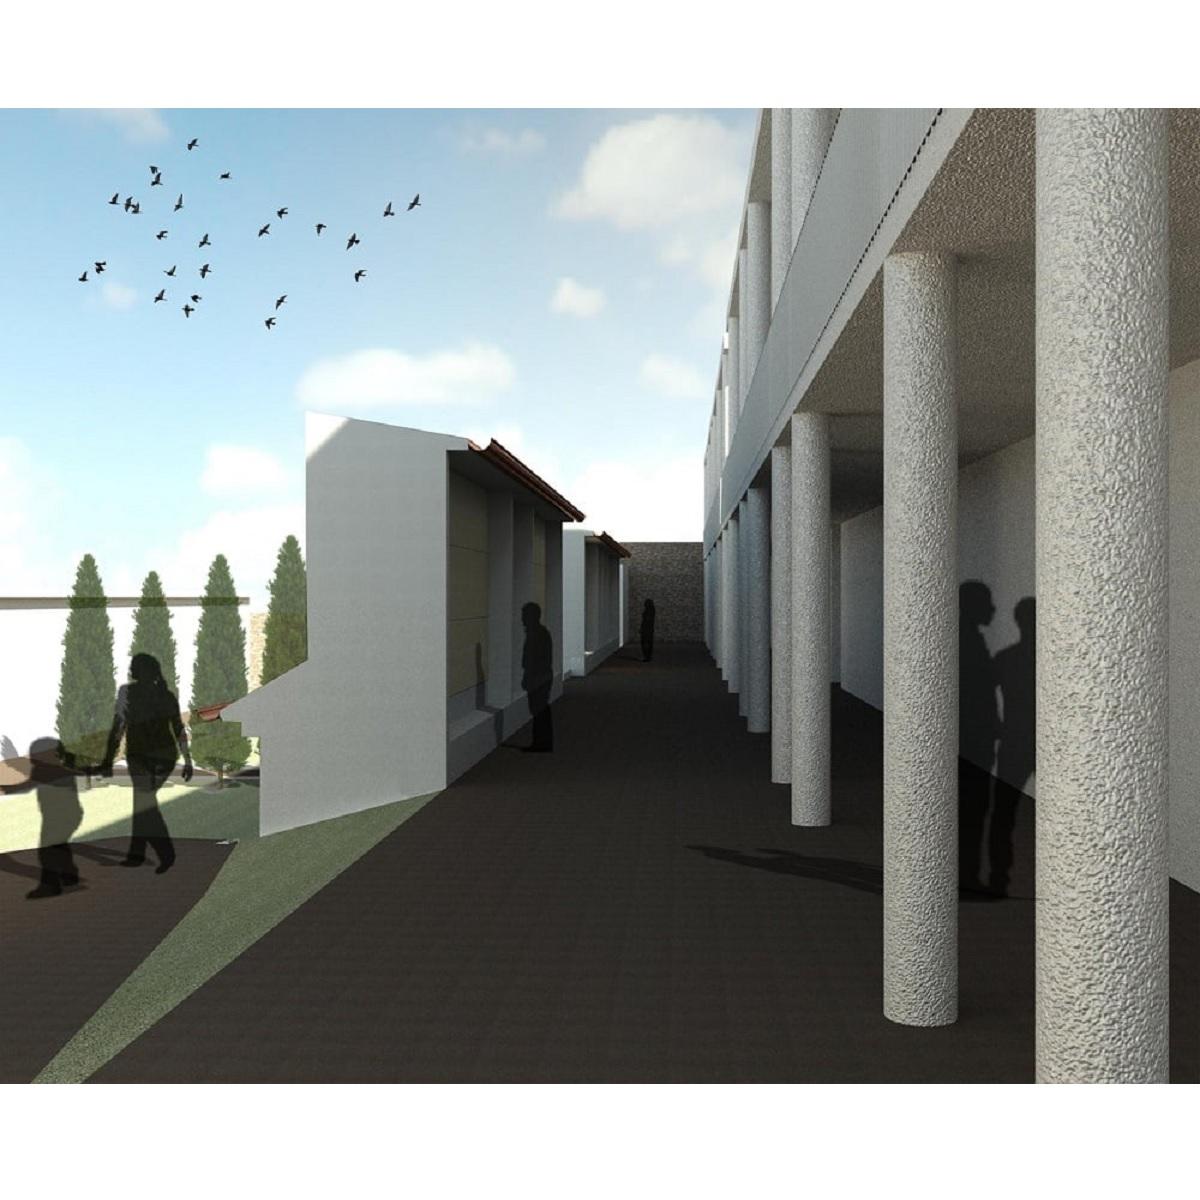 Balsorano approvato progetto ampliamento cimiteri foto